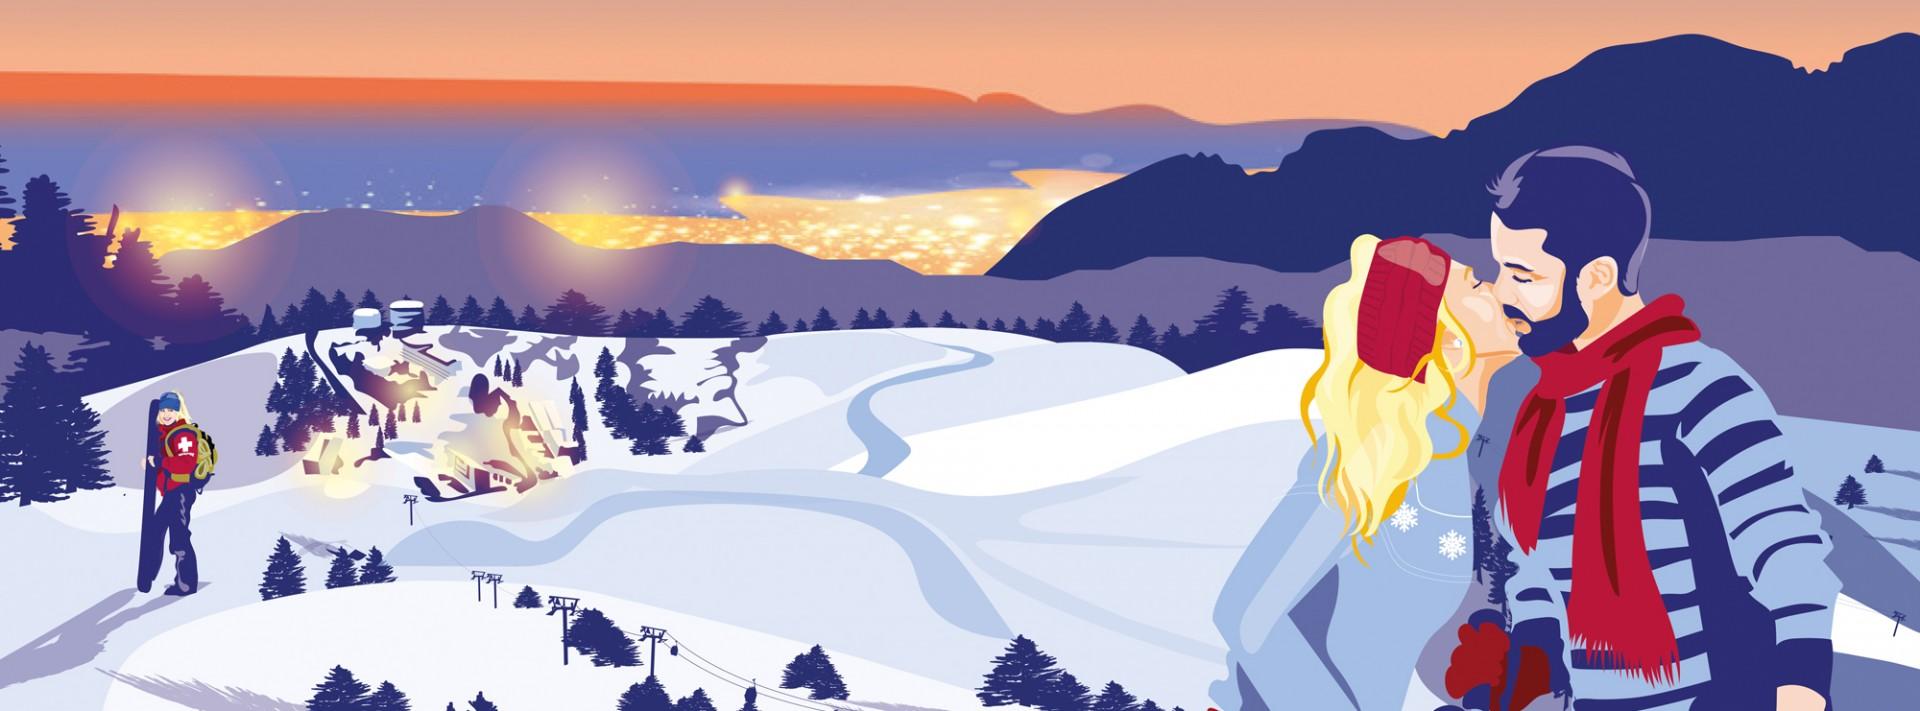 Chamrousse winter 2019-2020